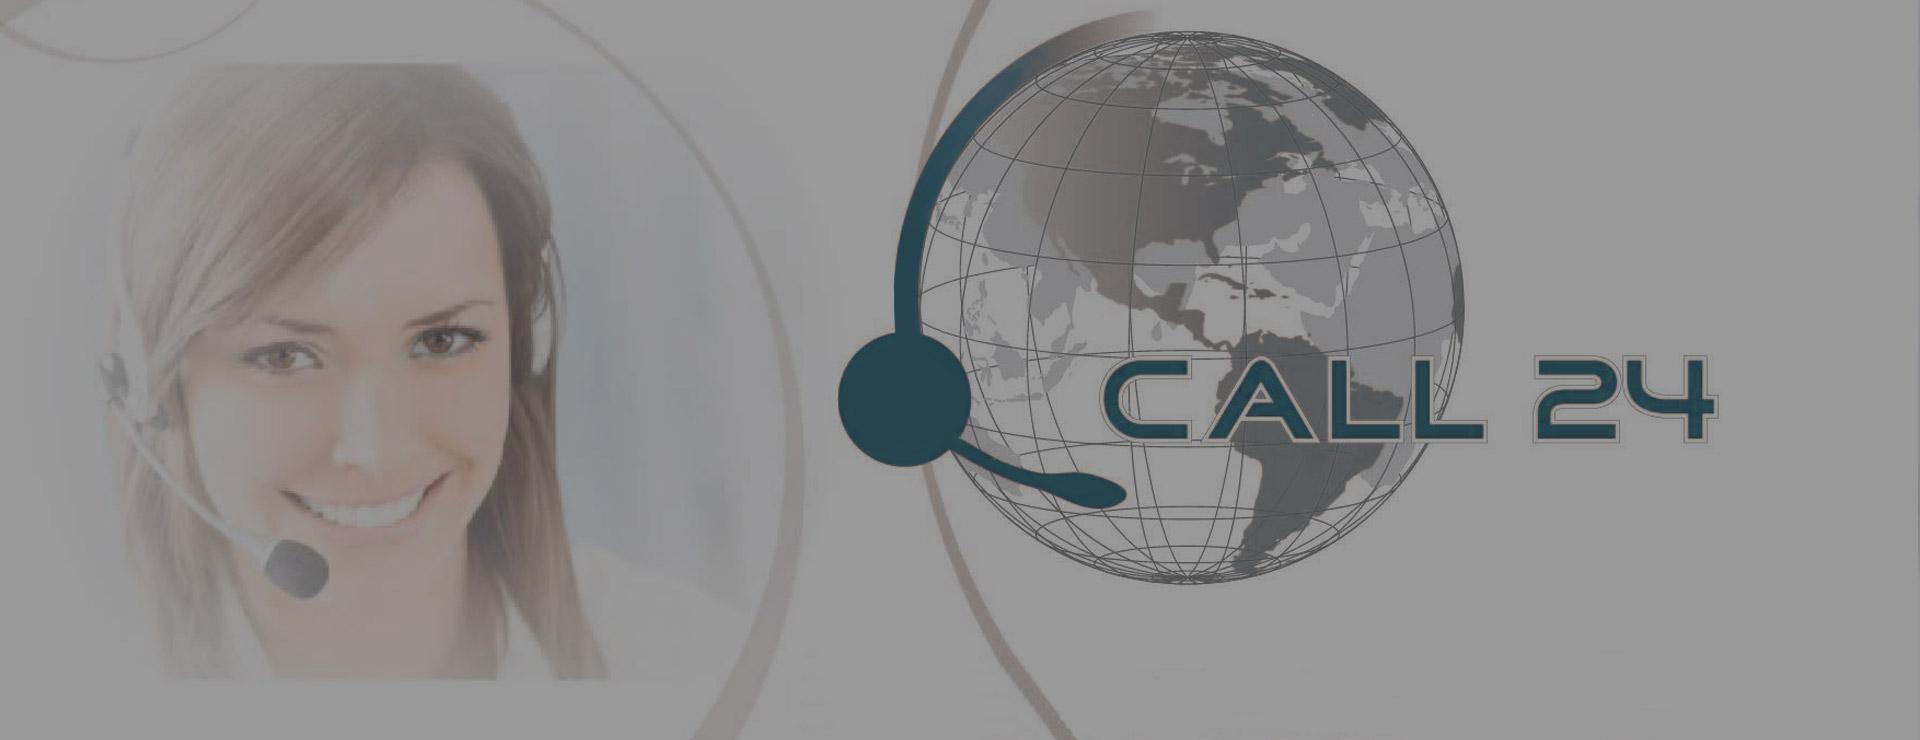 servizi-abitare-amministrazione-gestione-condomini-latina-header-intervento-h24